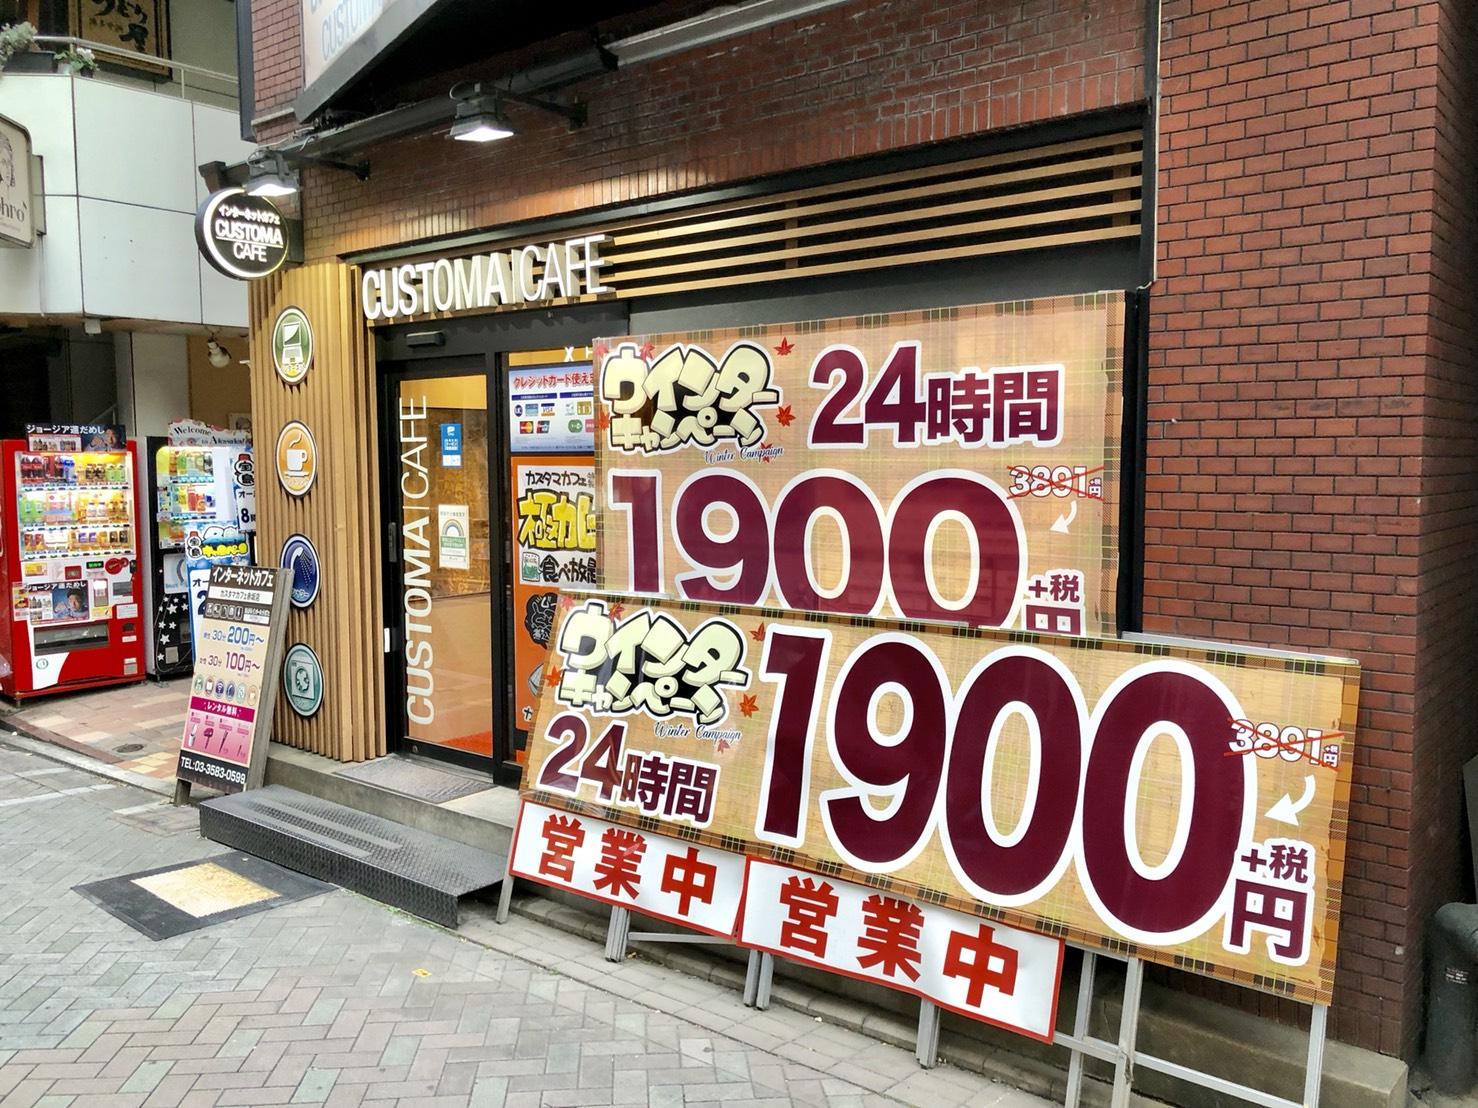 24時間1900円と激安のネットカフェ(カスタマカフェ赤坂店)